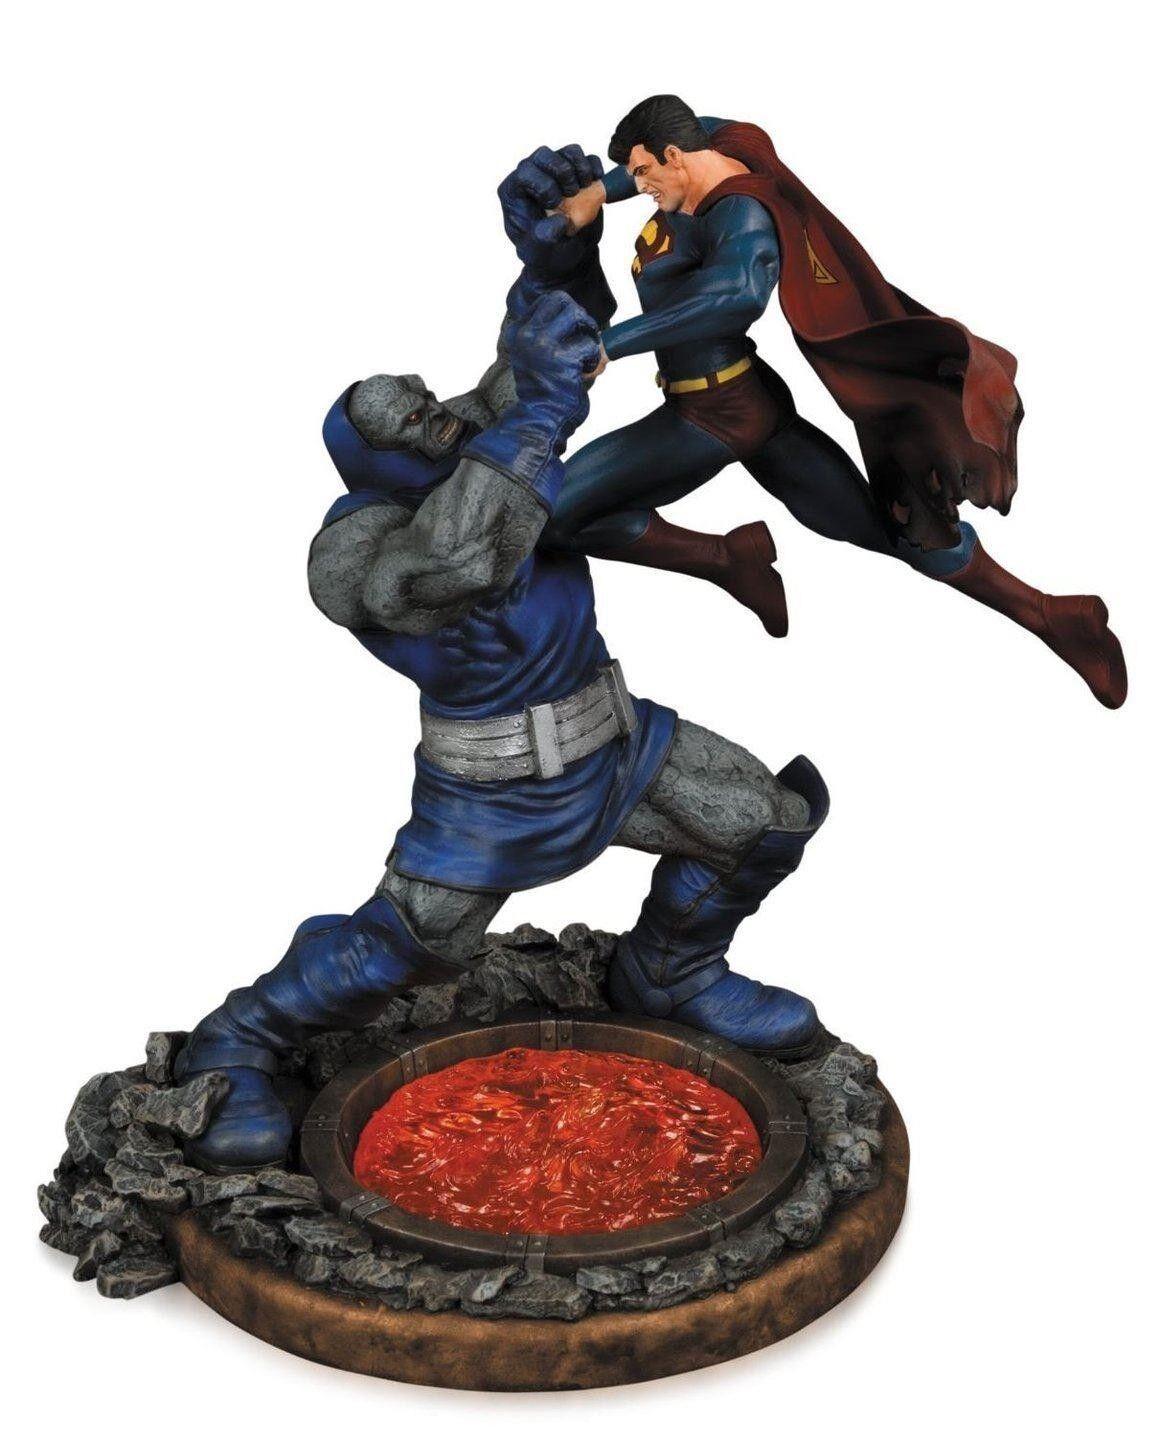 DC COMICS SUPERMAN VS DARKSEID STATUE 2ND EDITION COLD COLD COLD CAST PORCELAIN d6a8a5